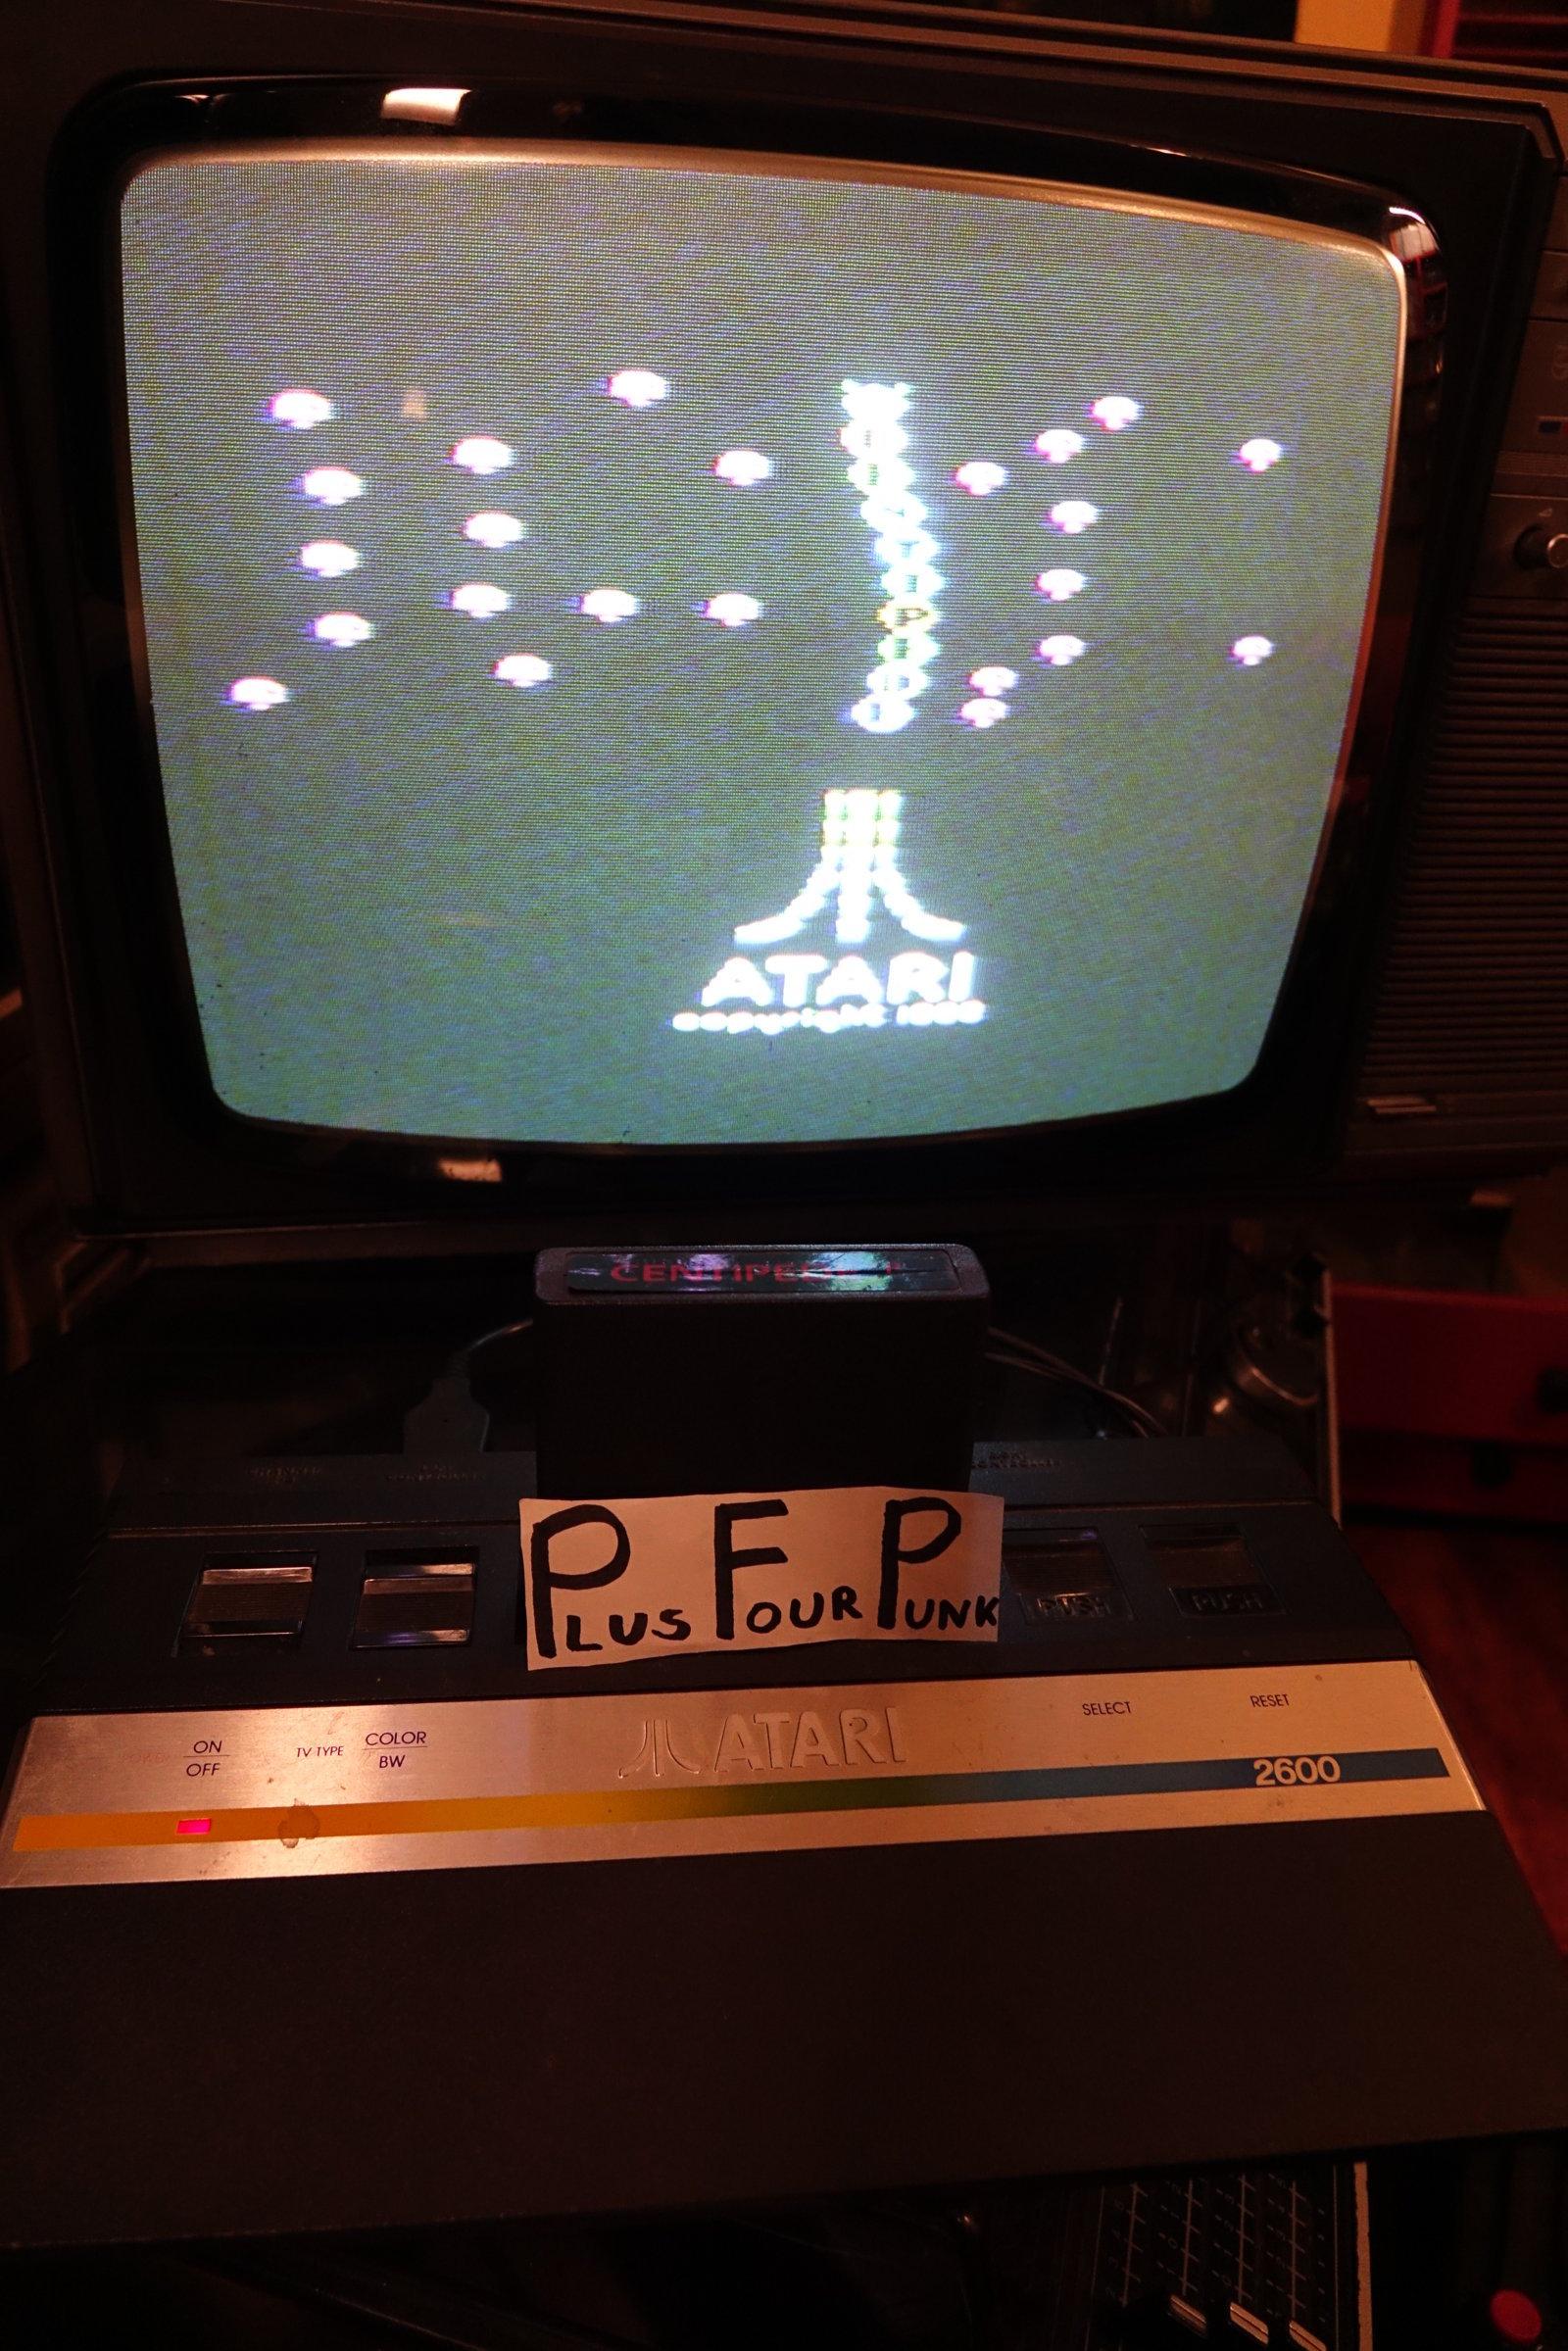 plus4punk: Centipede (Atari 2600) 123,272 points on 2020-03-13 17:10:34